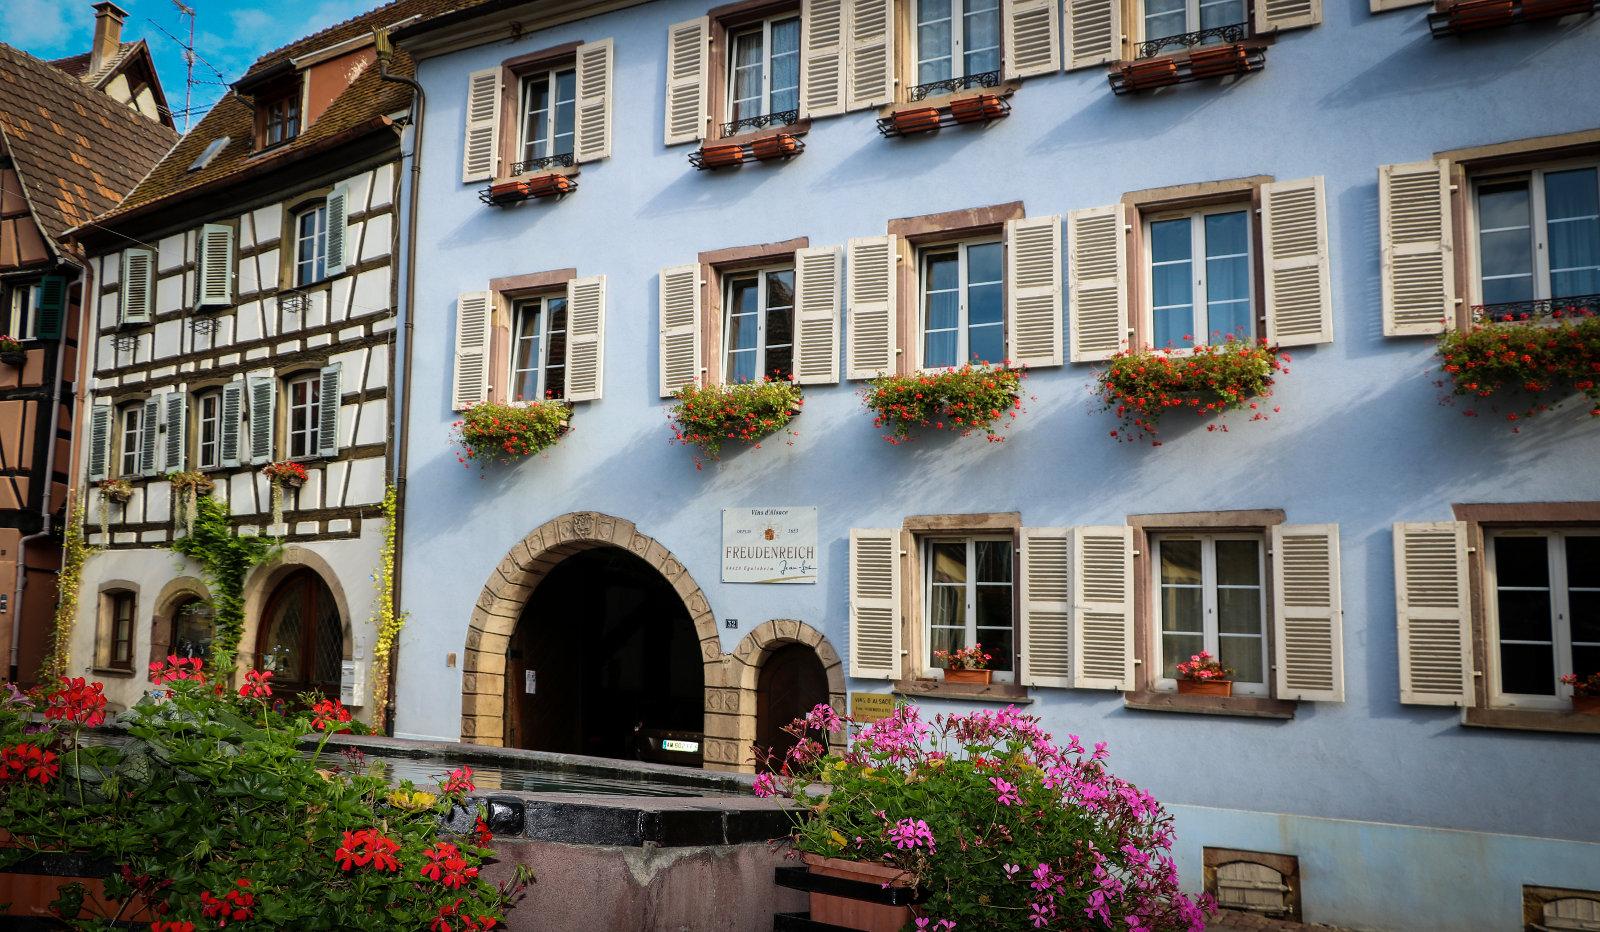 Vins d'Alsace FREUDENREICH Jean-Luc